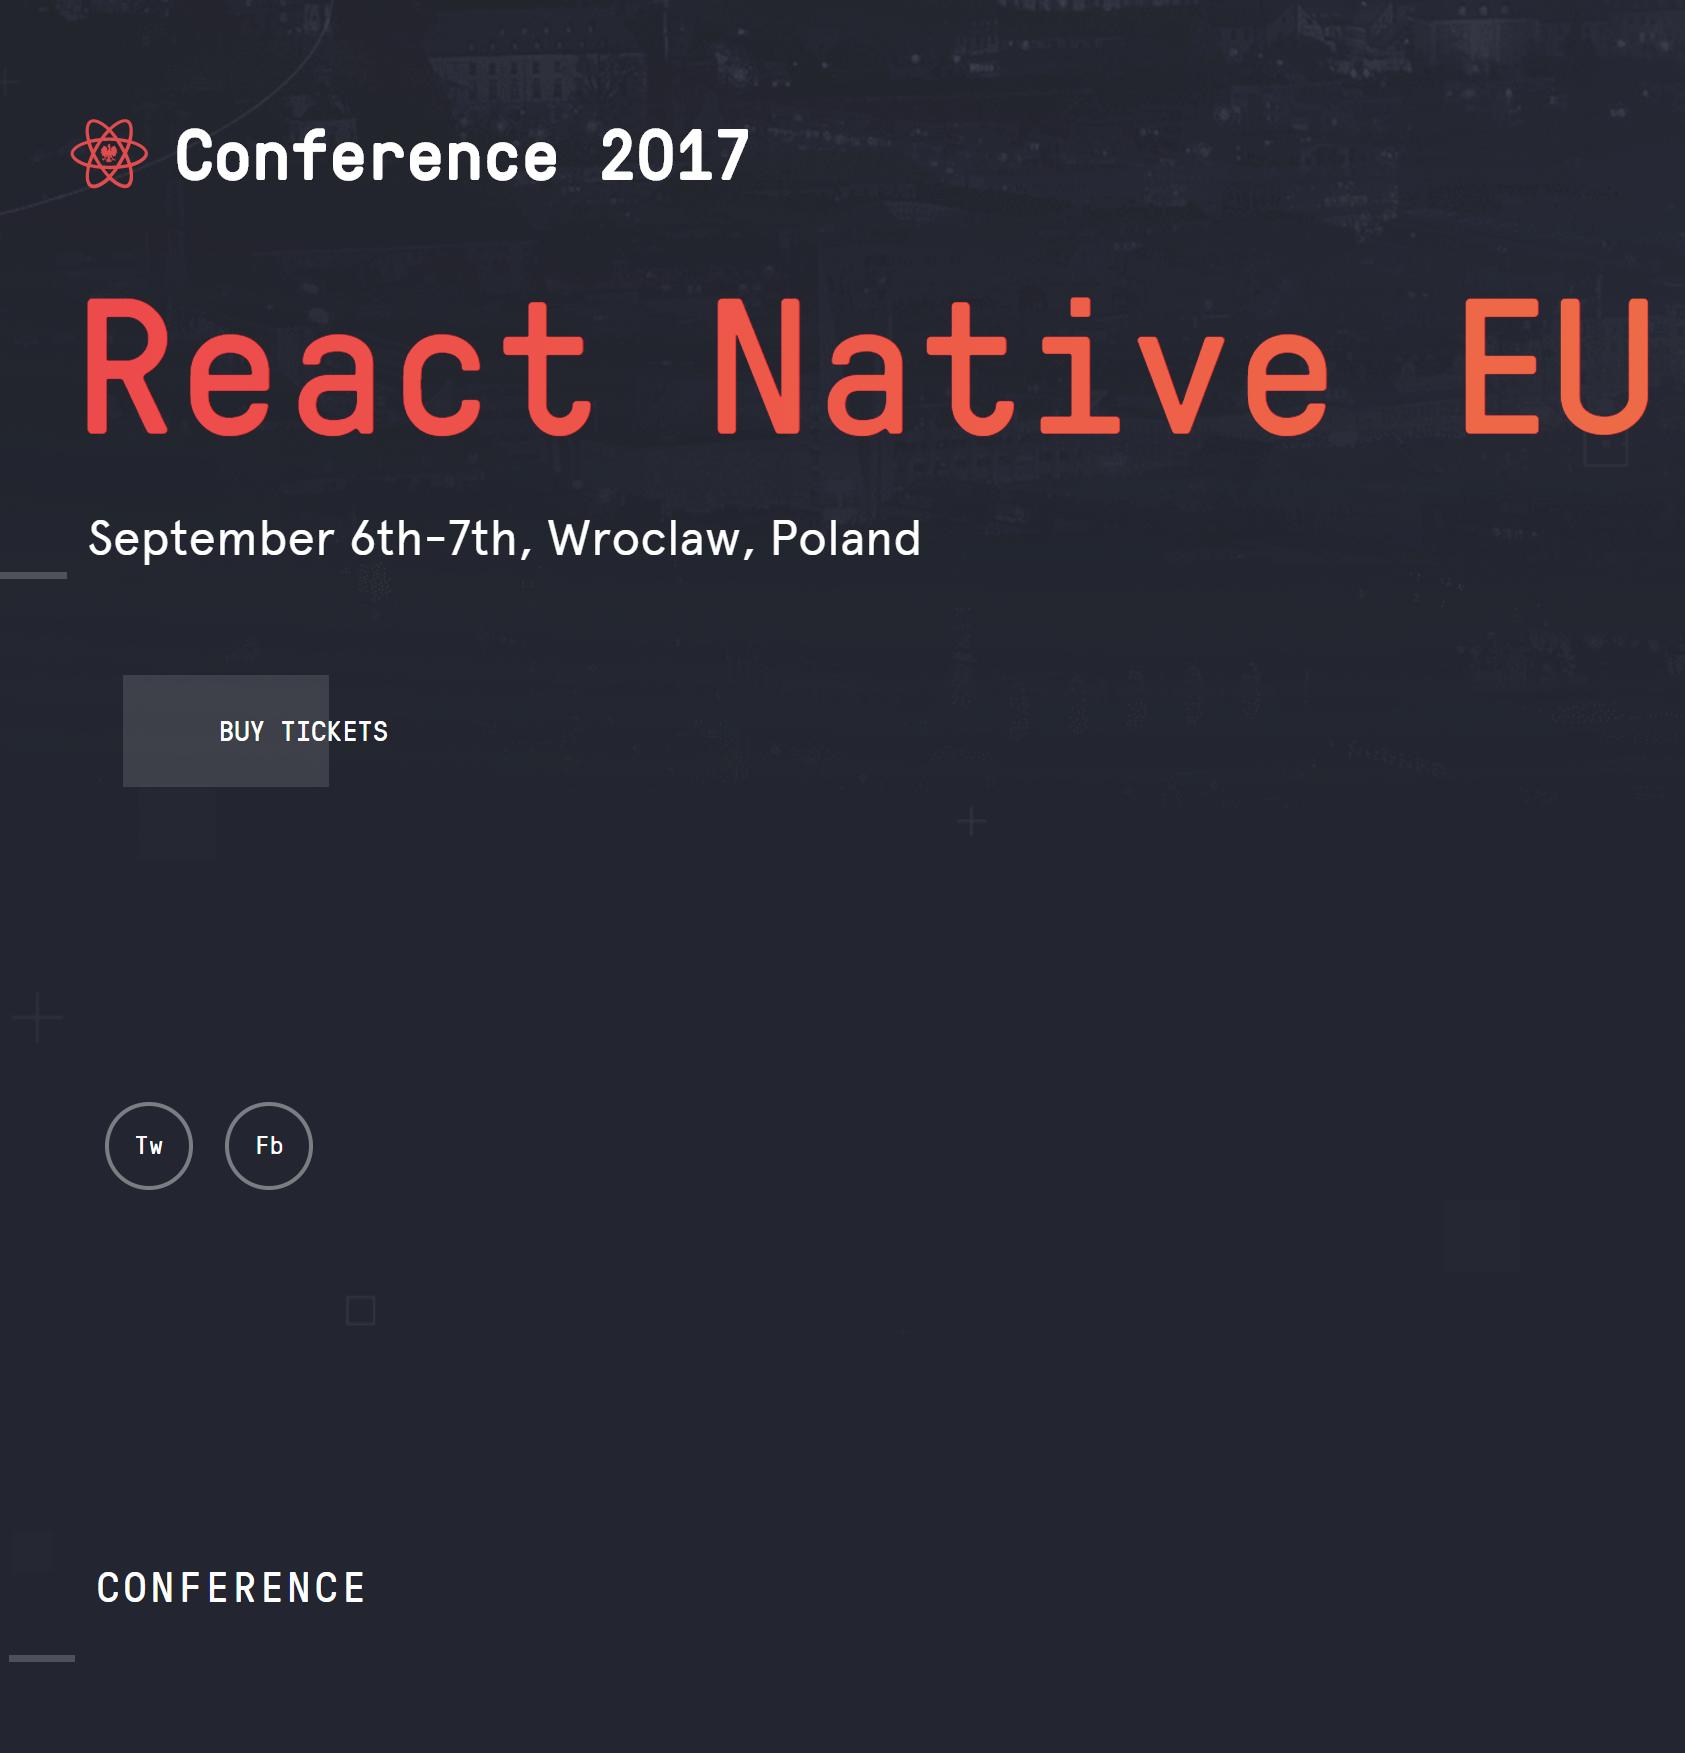 React Native EU 2017